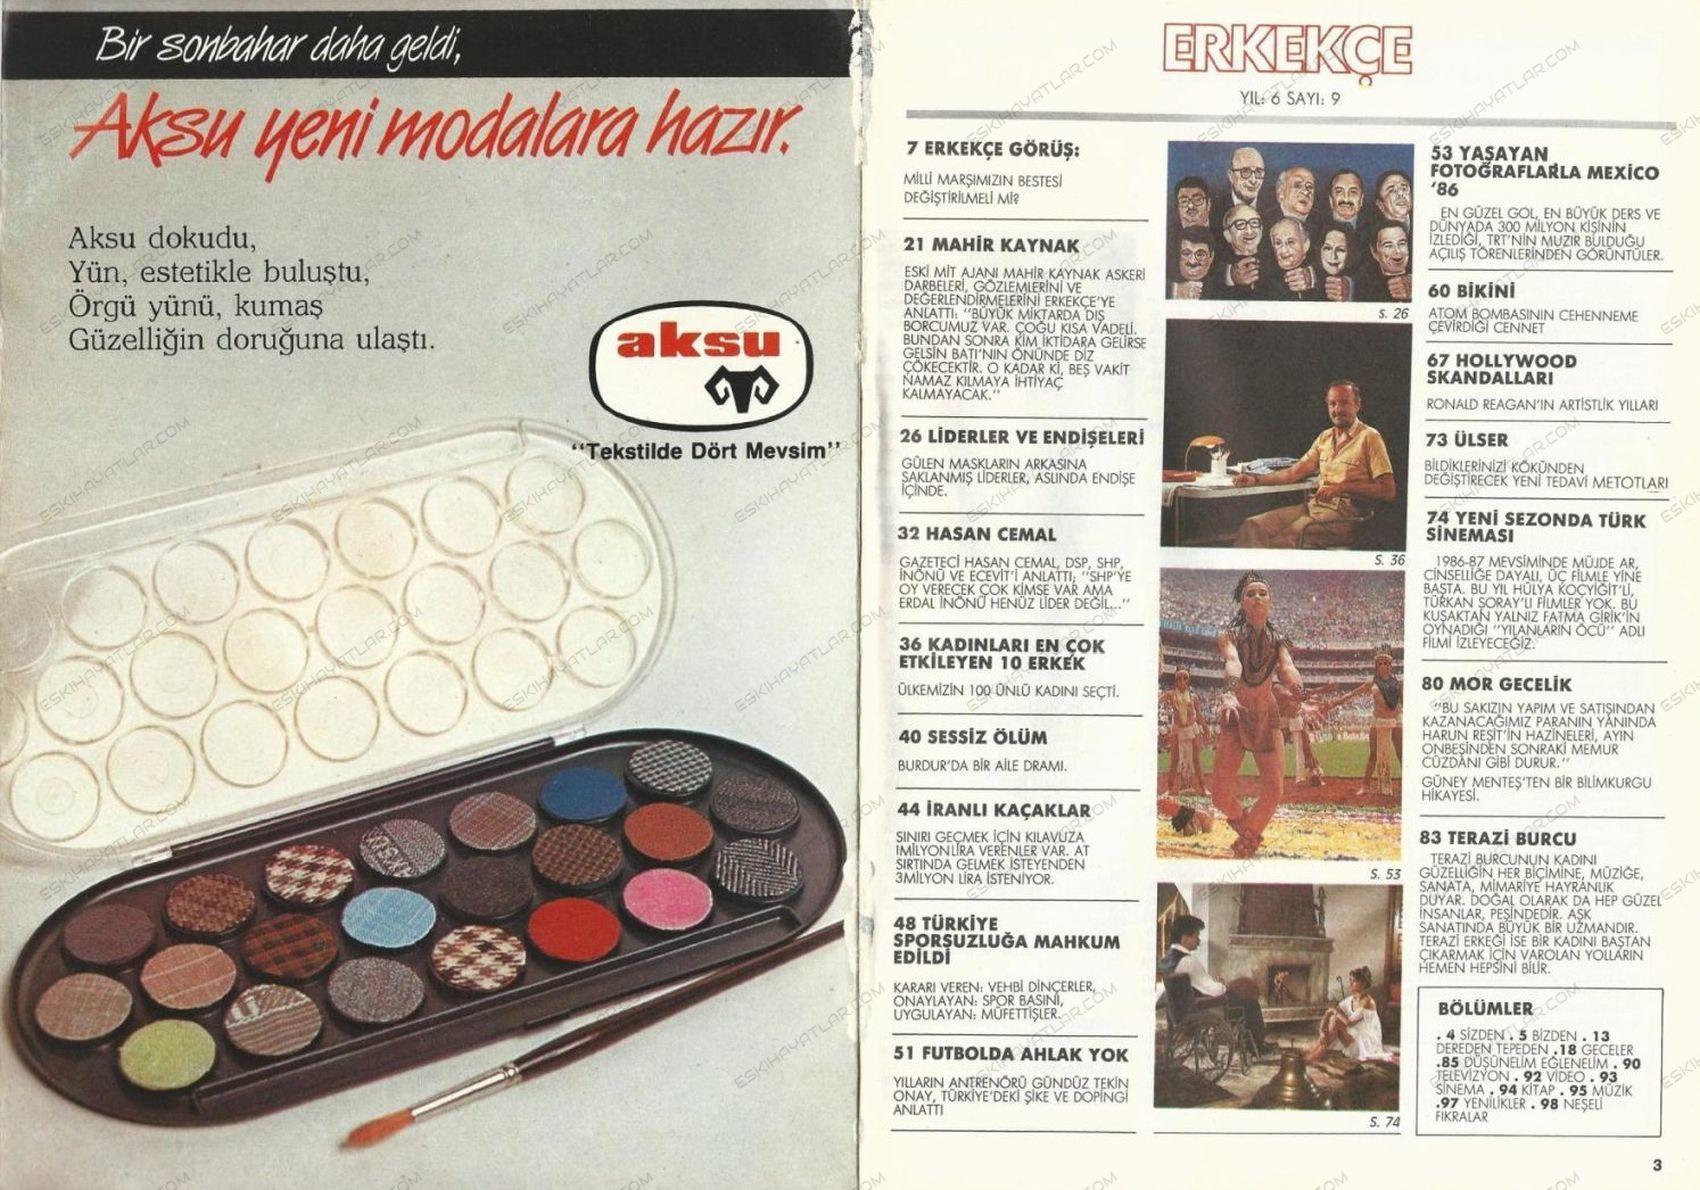 0395-aksu-yun-reklamlari-1986-tekstilde-dort-mevsim-erkekce-dergisi